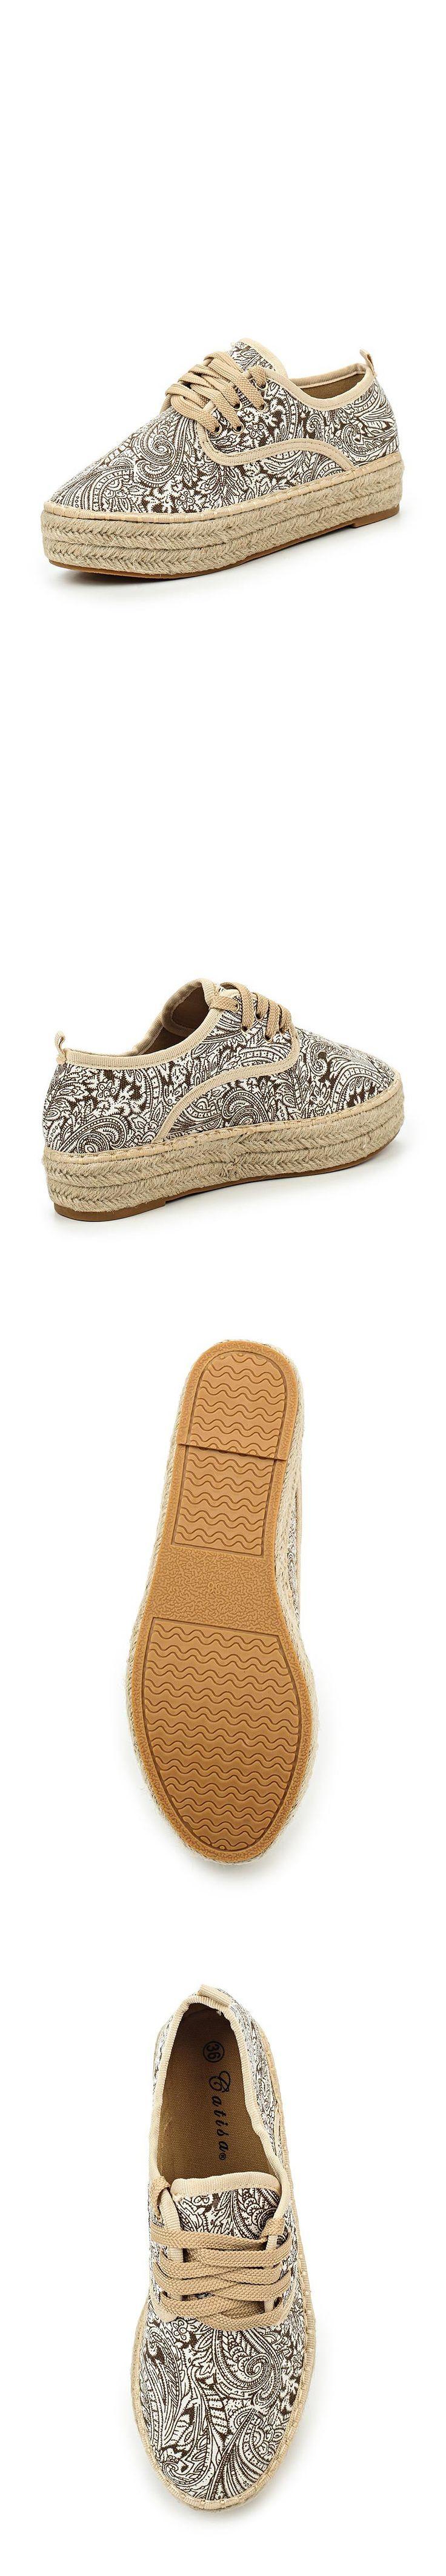 Женская обувь ботинки Catisa за 1950.00 руб.